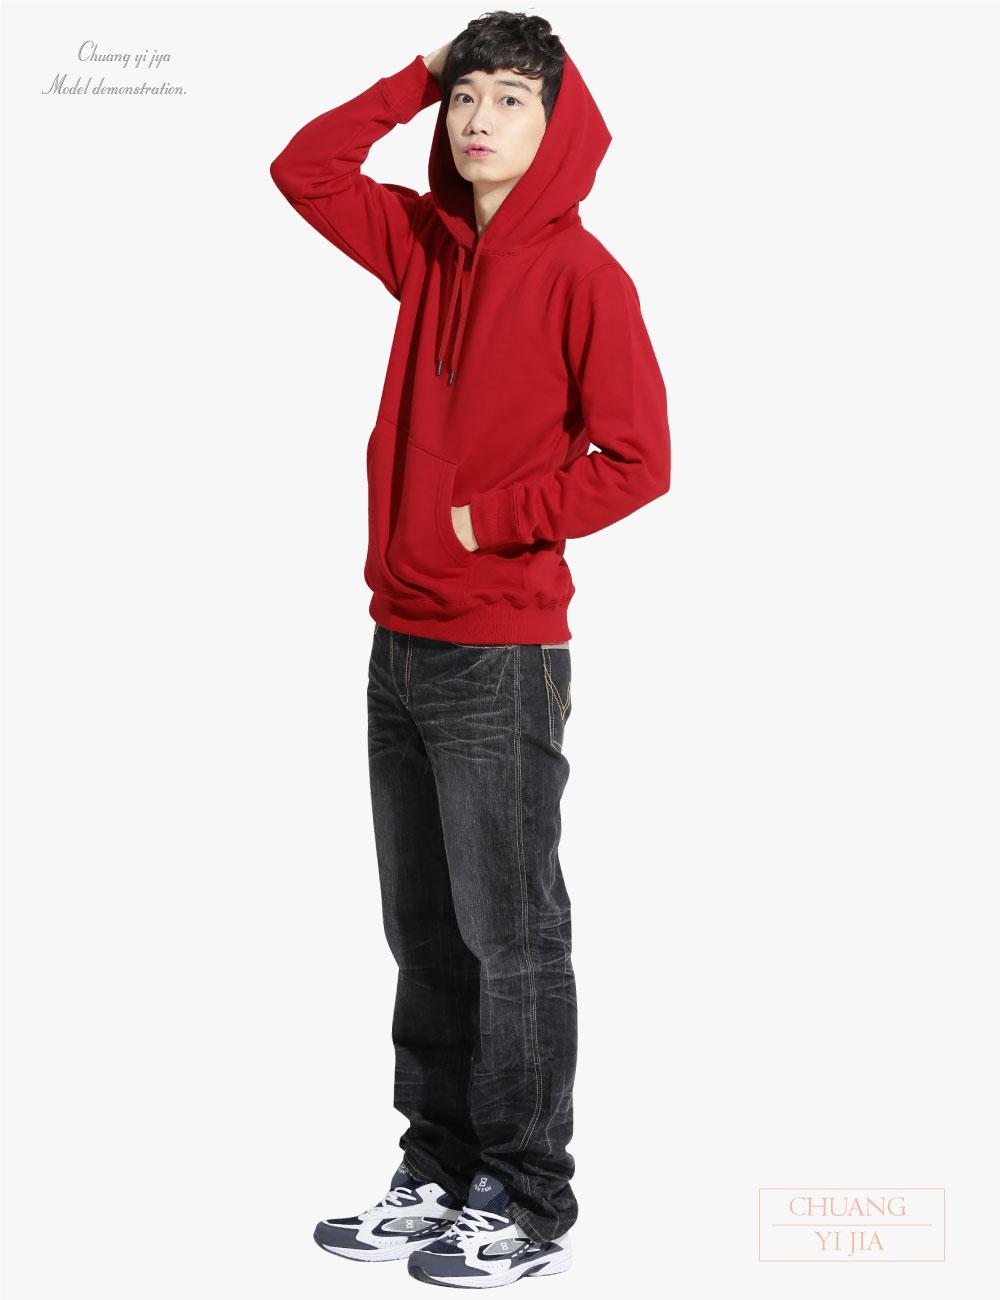 創意家團體服,台灣生產製造,班服,系服,社團服,活動服,紀念服,潮帽T,品牌帽T,大學帽T,刷毛帽T,厚棉帽T,學生帽T,休閒帽T,厚實保暖帽T